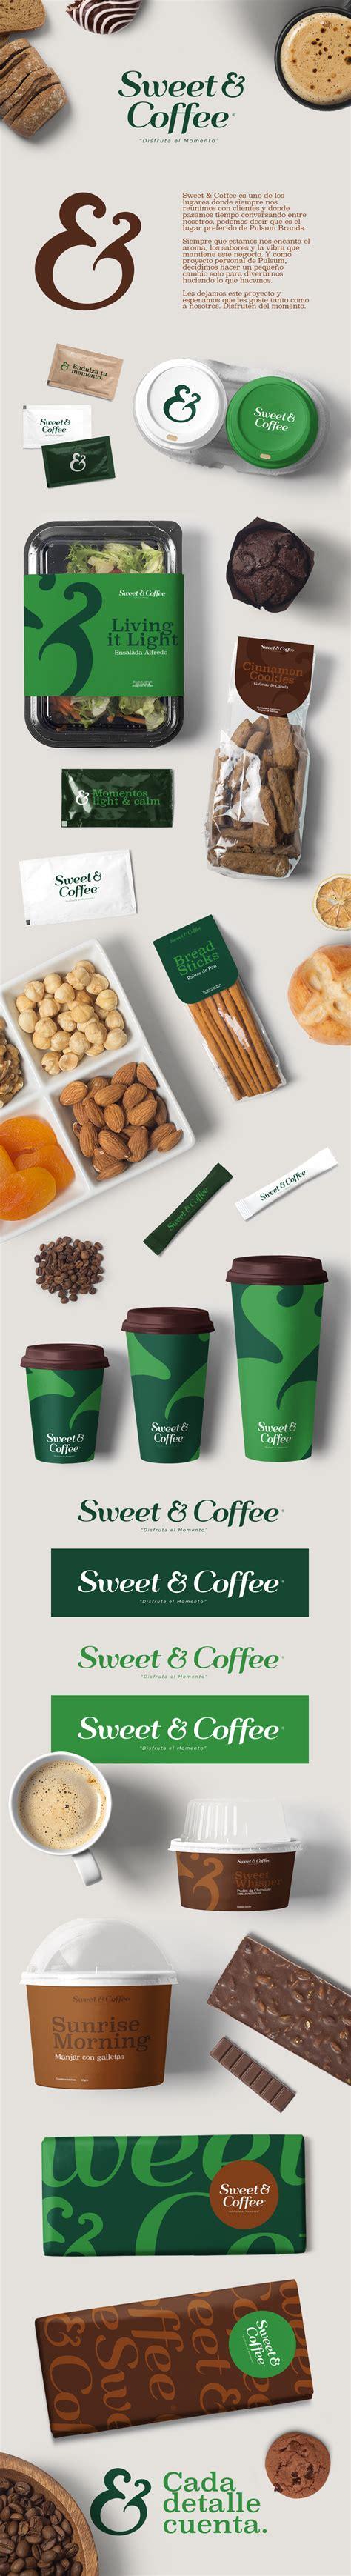 Sweet&coffee nace en el año 1997 como inspiración de richard peet y soledad hanna en crear un lugar especializado tanto en cafés como en postres. Sweet & Coffee (Concept) on Behance